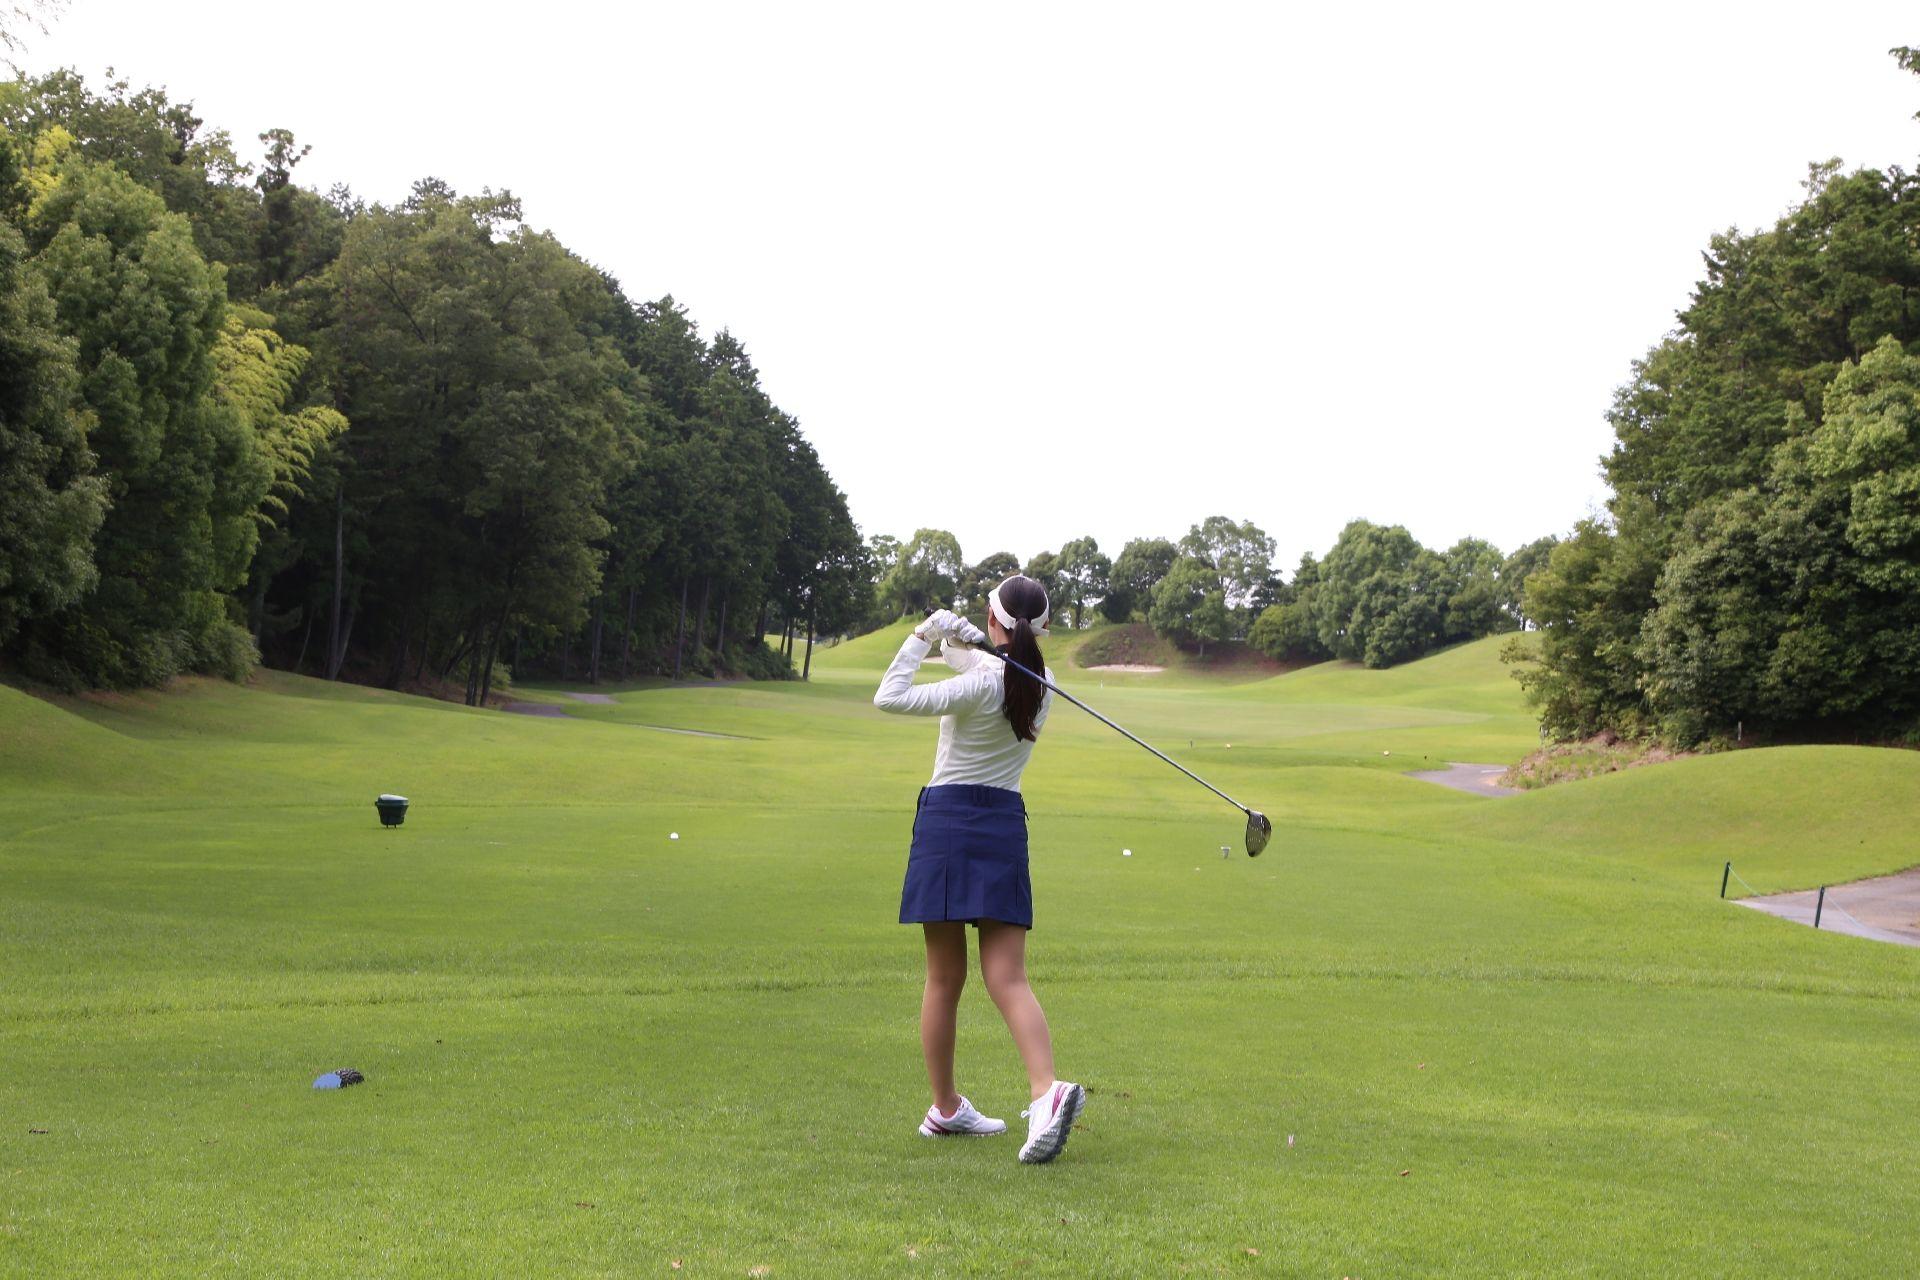 ゴルフで疲れた身体を癒すためのマッサージ